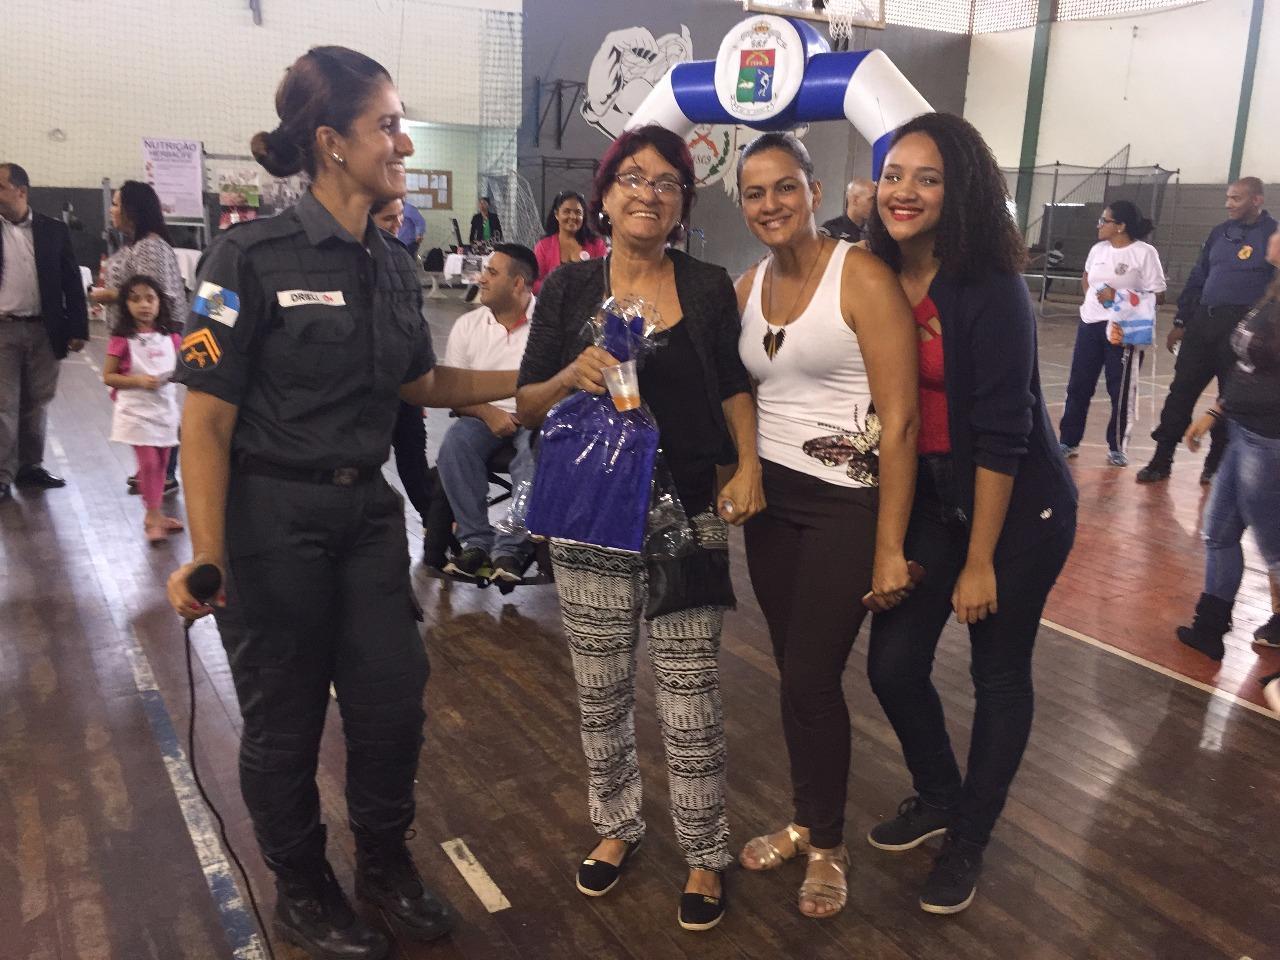 Evento em homenagem às mães e viúvas de policiais mortos teve a presença da atriz Paolla Oliveira